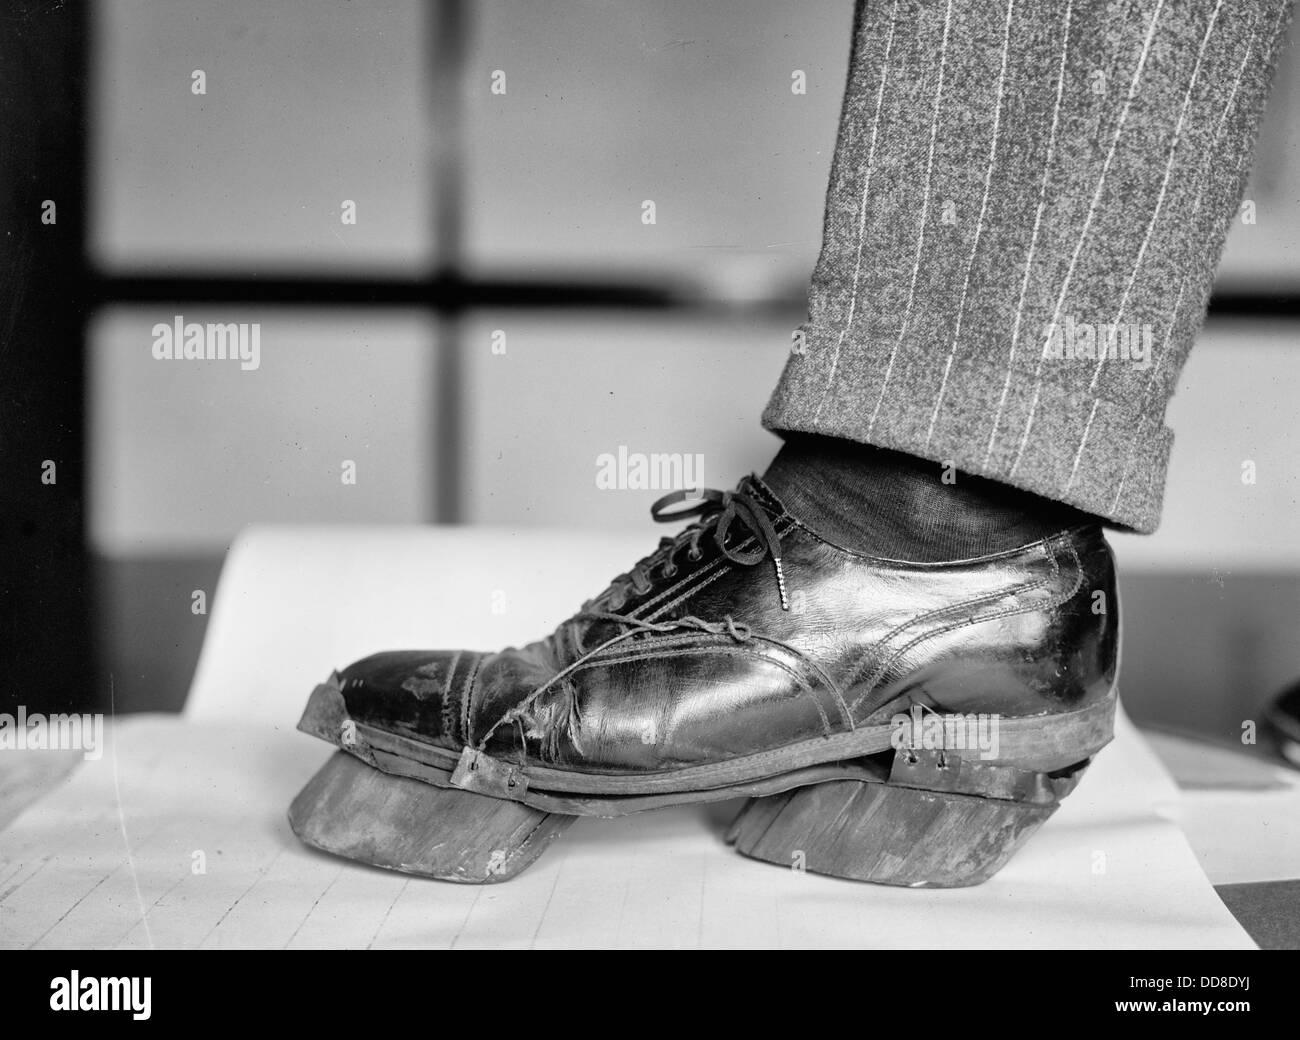 Kuh-Schuhe - Schuhe machte Kuh Drucke anstelle von den Fussspuren während der Prohibition Amerika, 1920er Jahre Stockbild